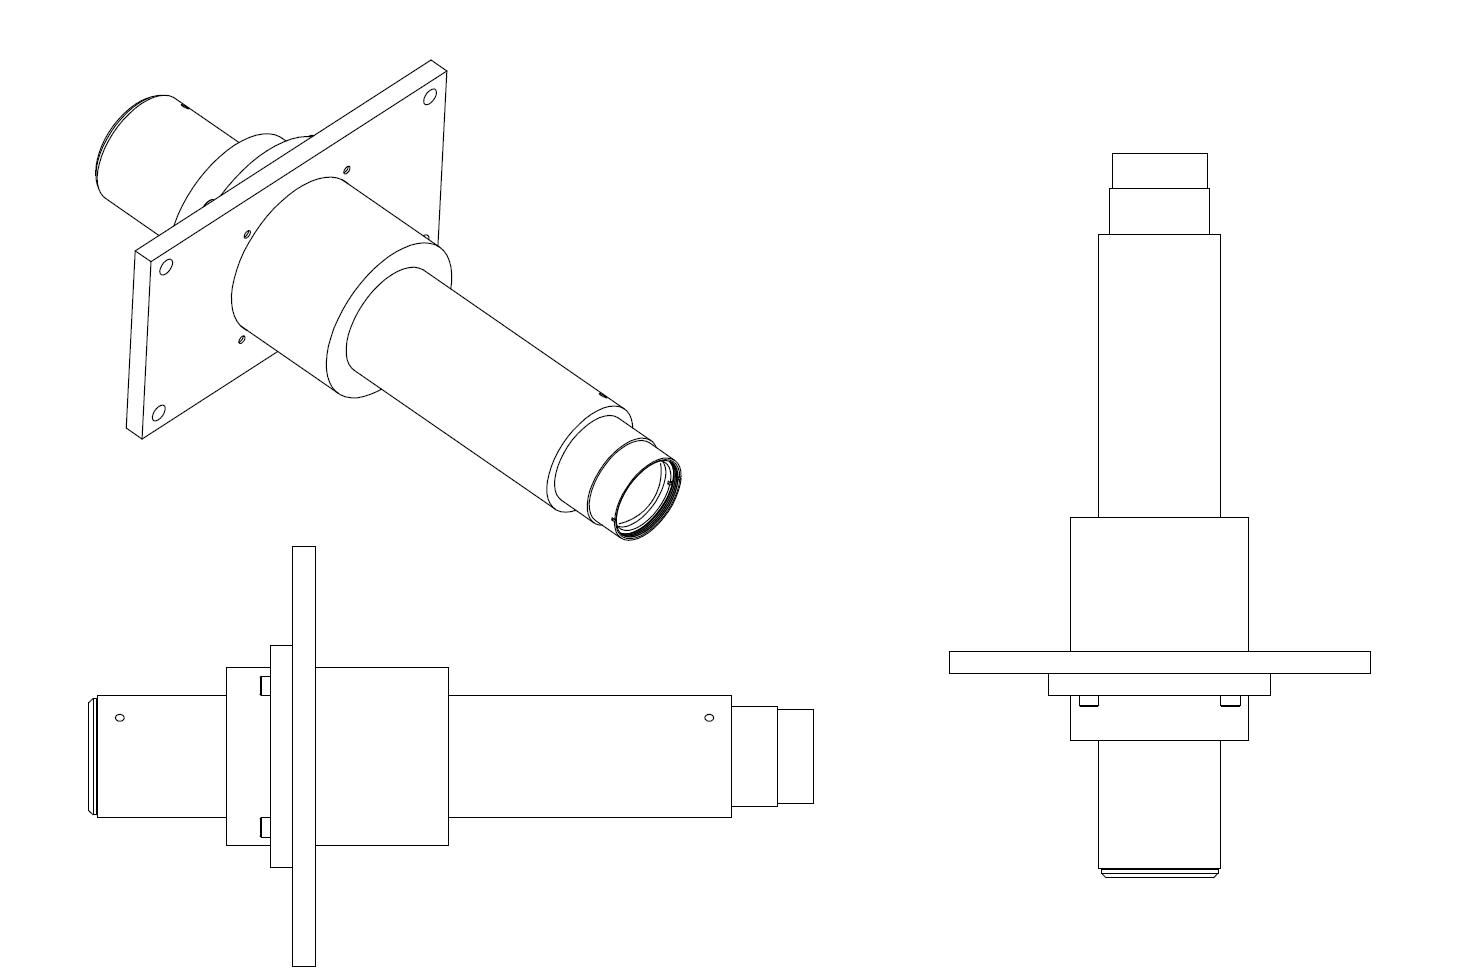 LG-N29 1